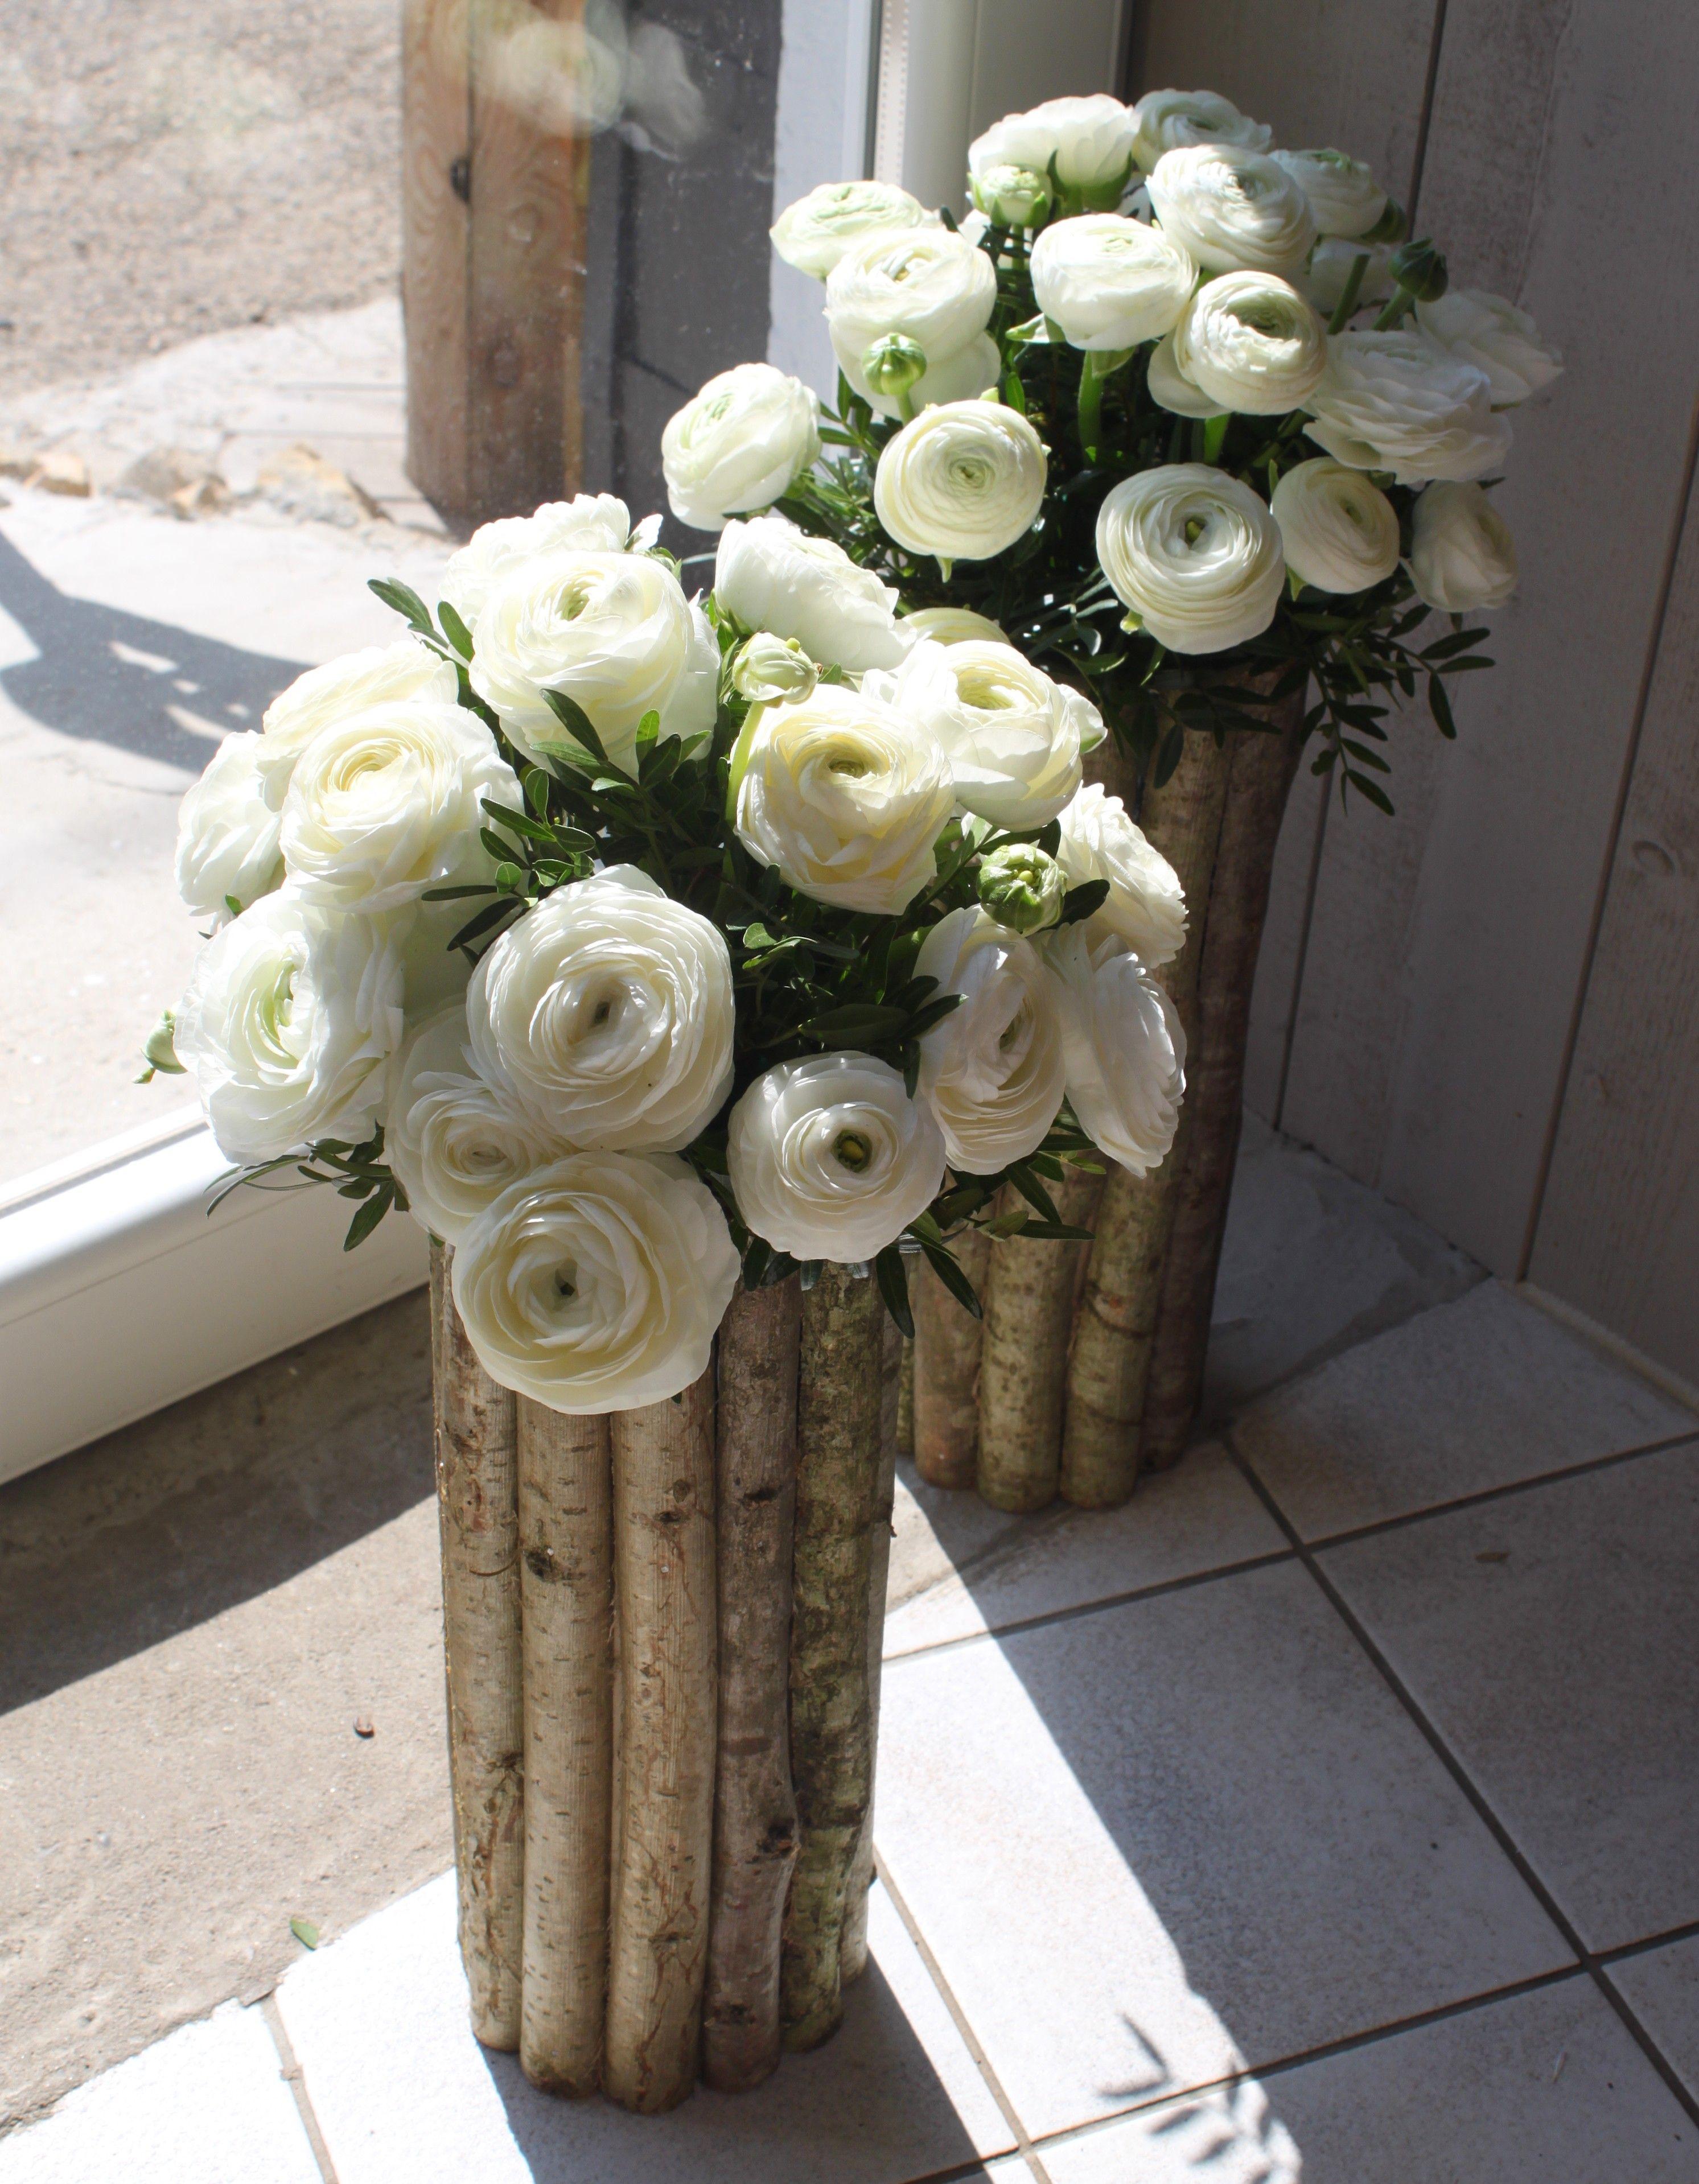 d coration florale mariage th me nature tron ons de bois. Black Bedroom Furniture Sets. Home Design Ideas